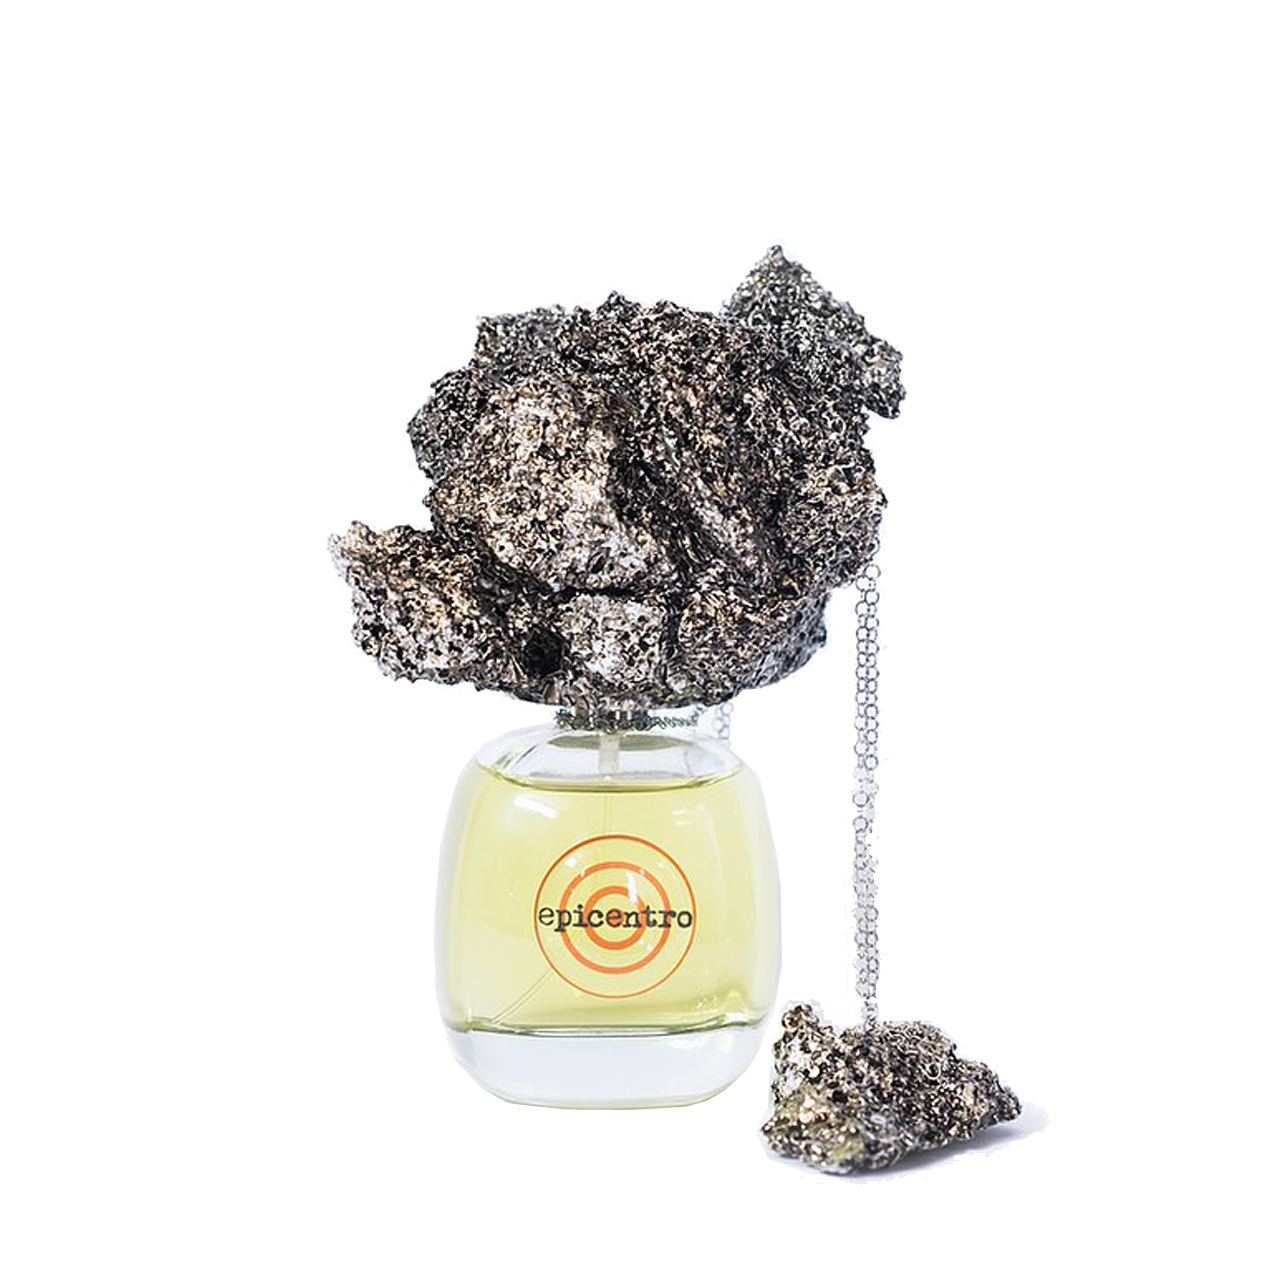 Epicentro - Extrait de Parfum